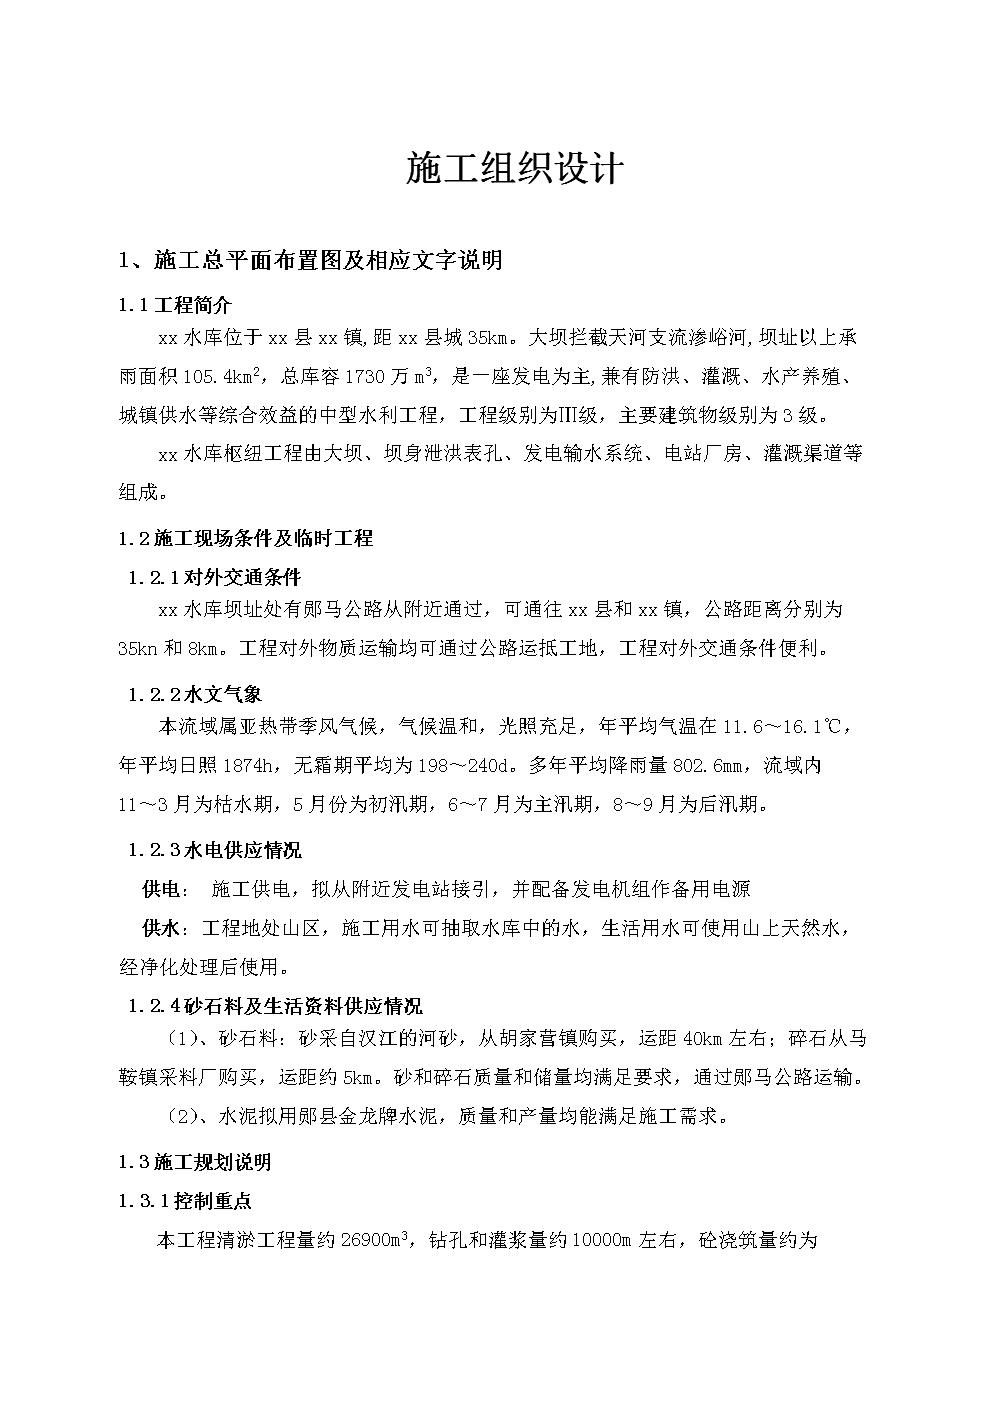 马鞍关施工组织设计.doc